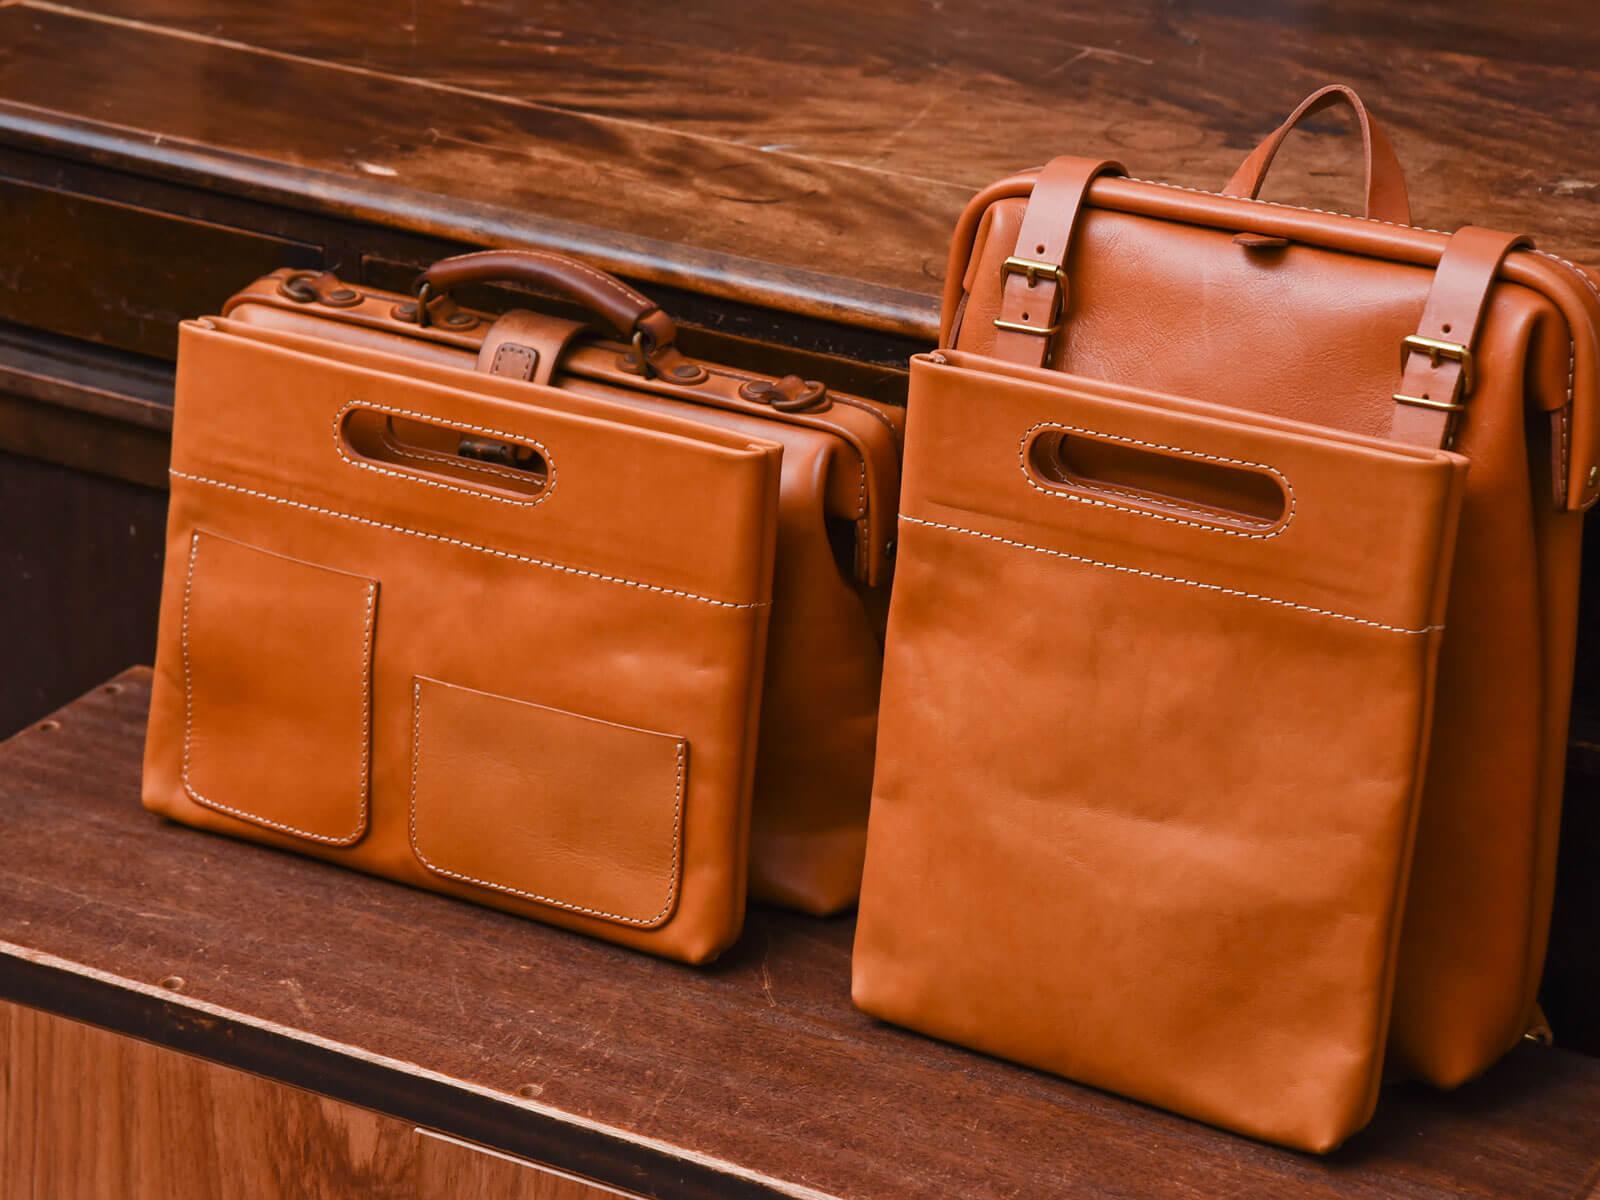 新作:手持ちもできるバッグインバッグ横型・縦型(S-3)